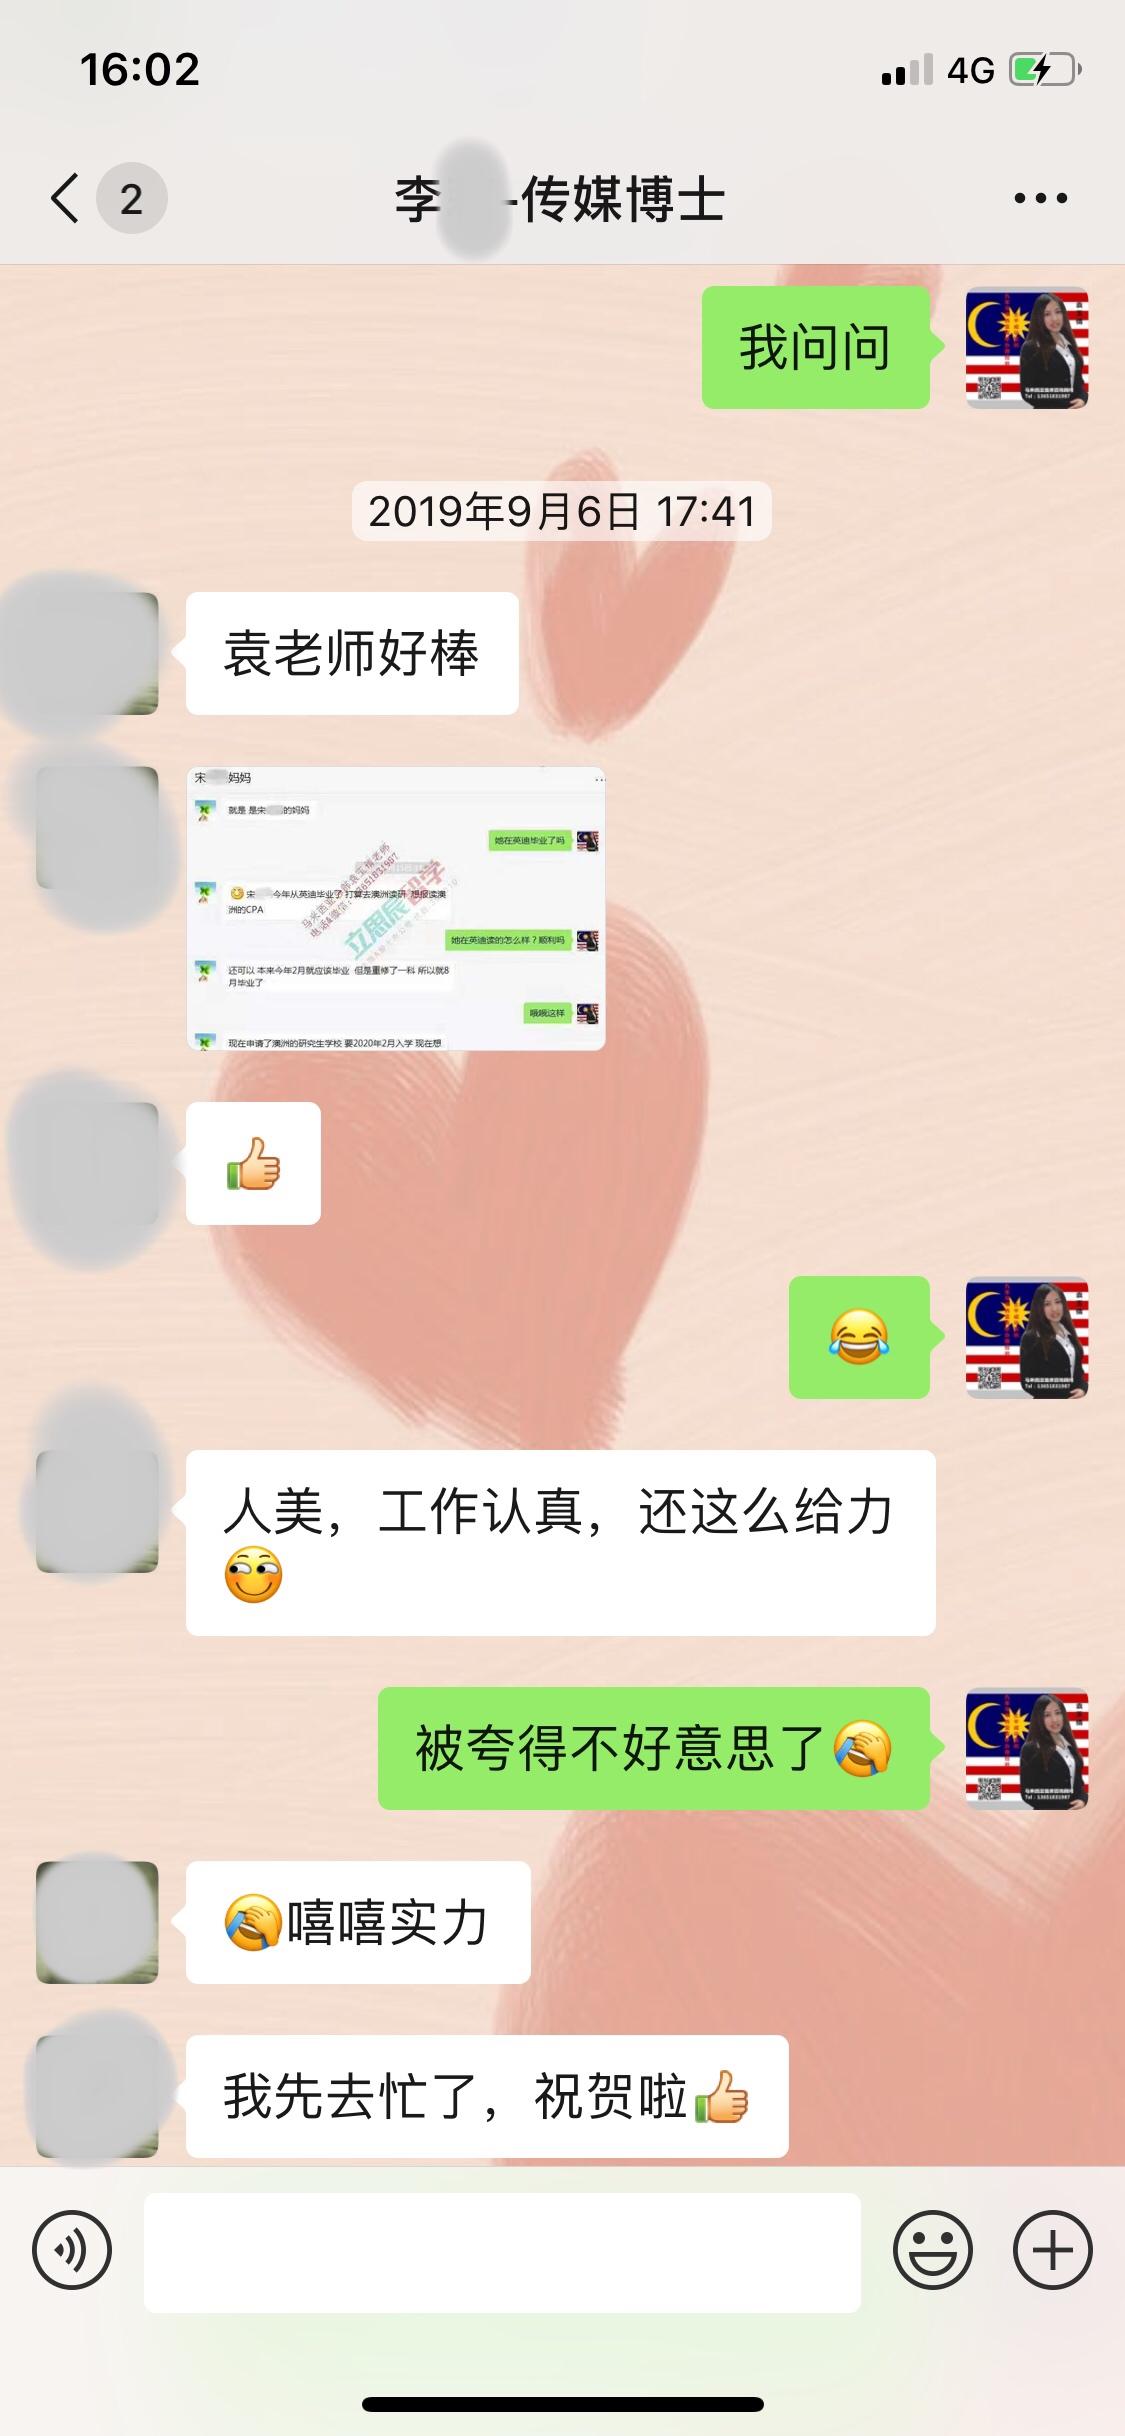 袁老师助学生录取传媒博士,教你如何免考雅思入学